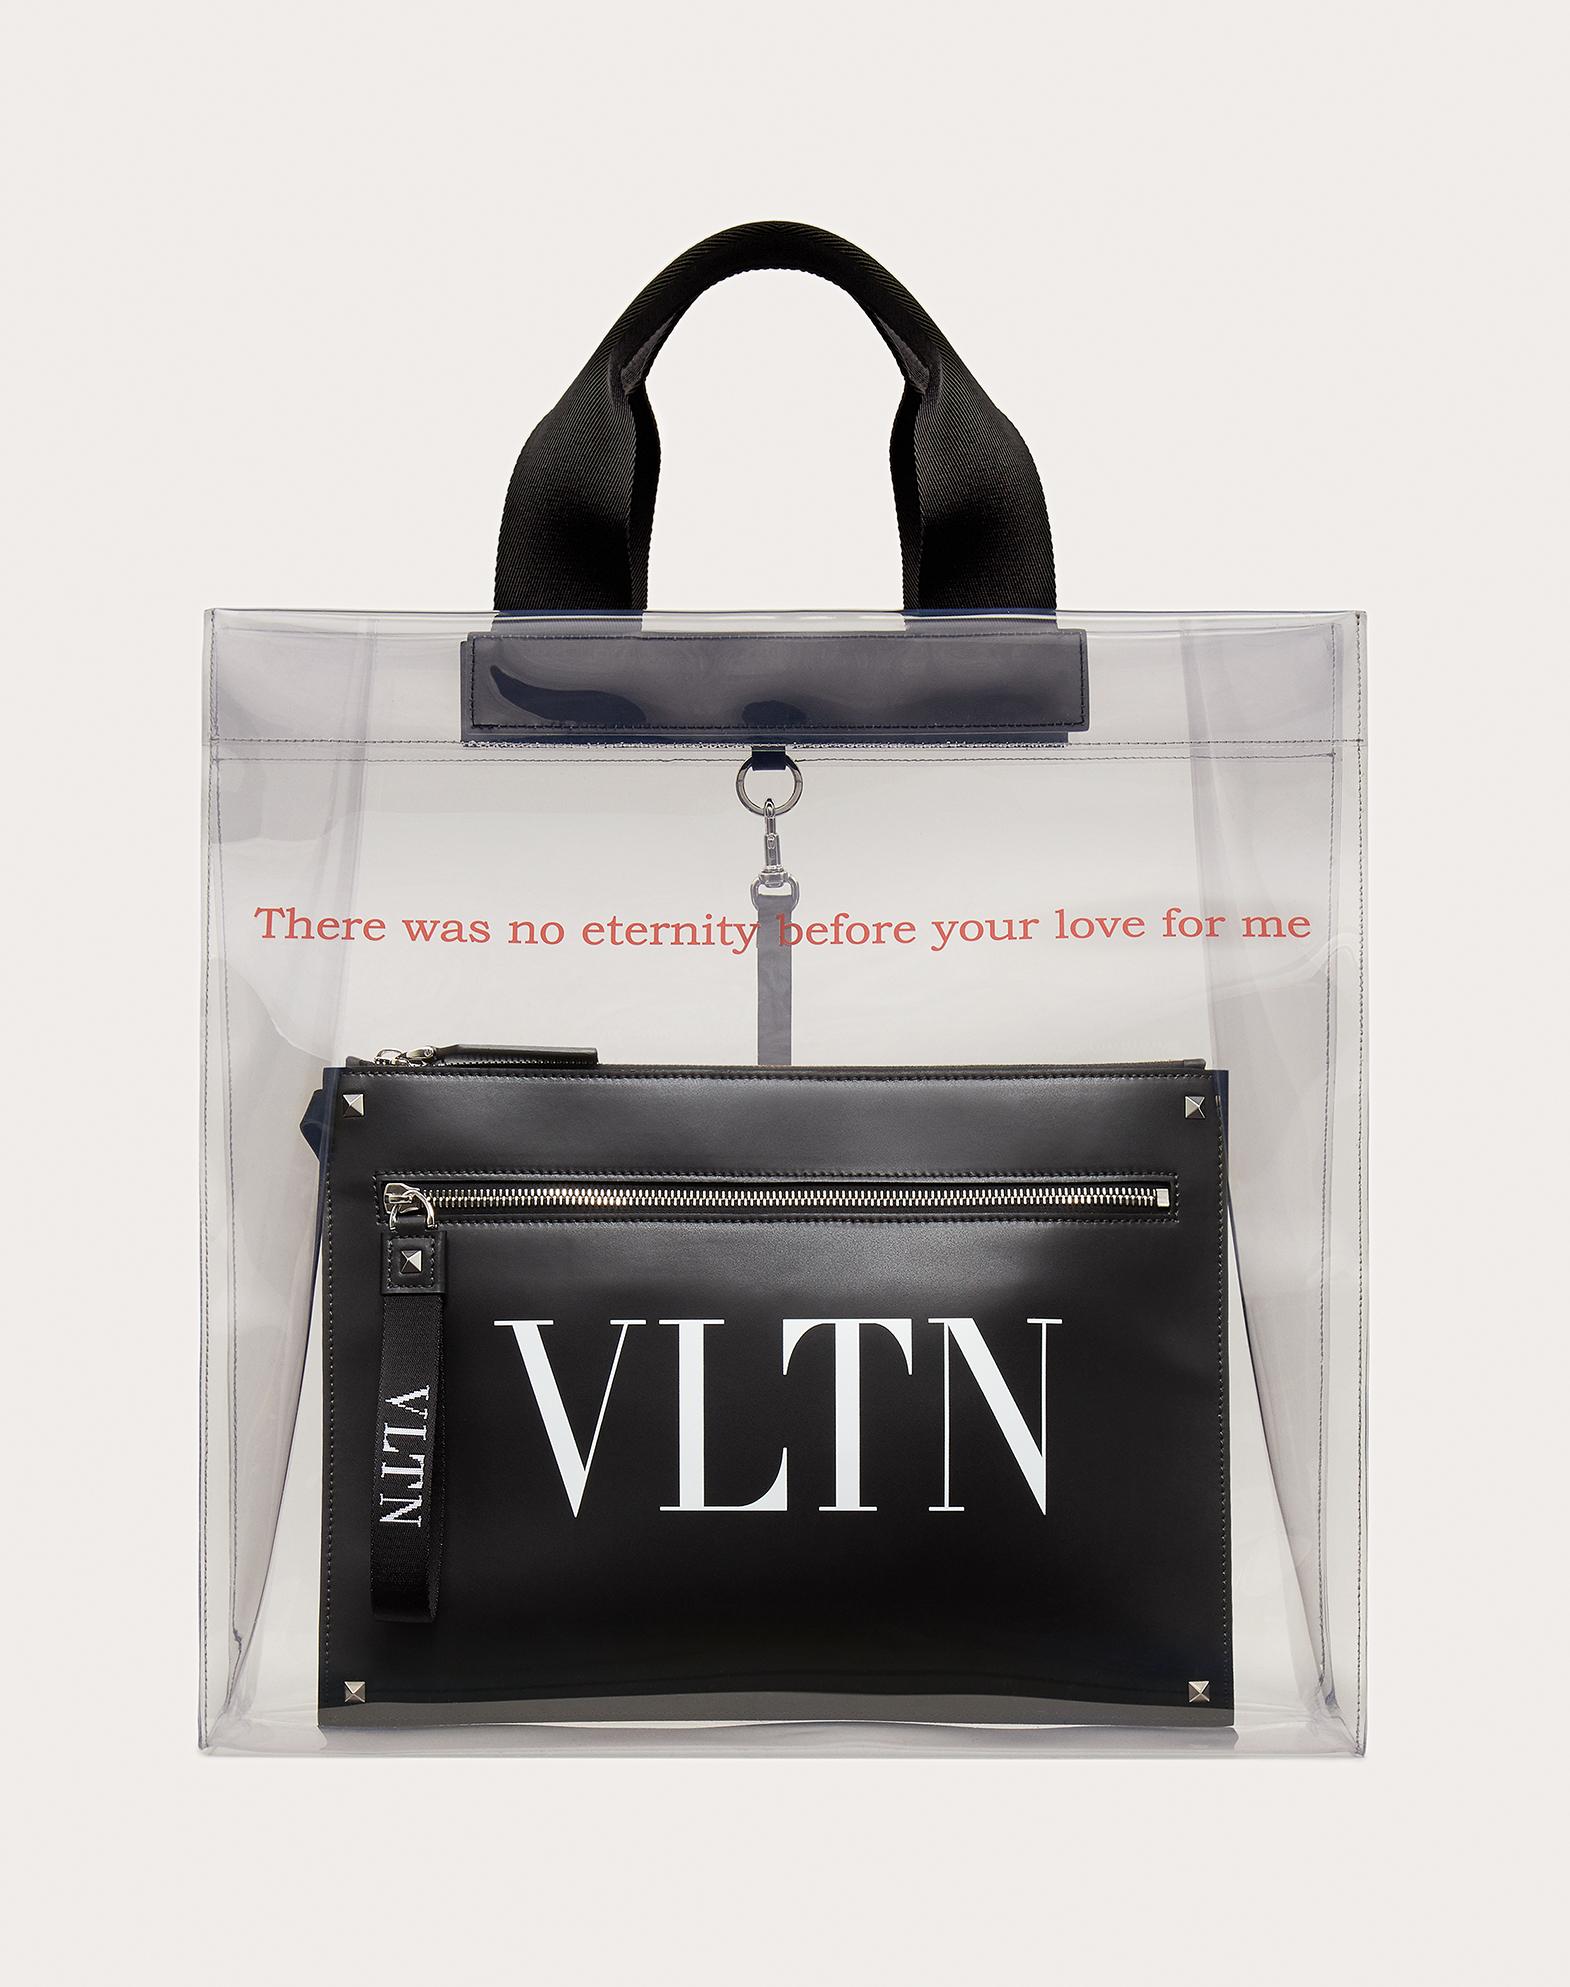 VLTN Transparent Tote Bag